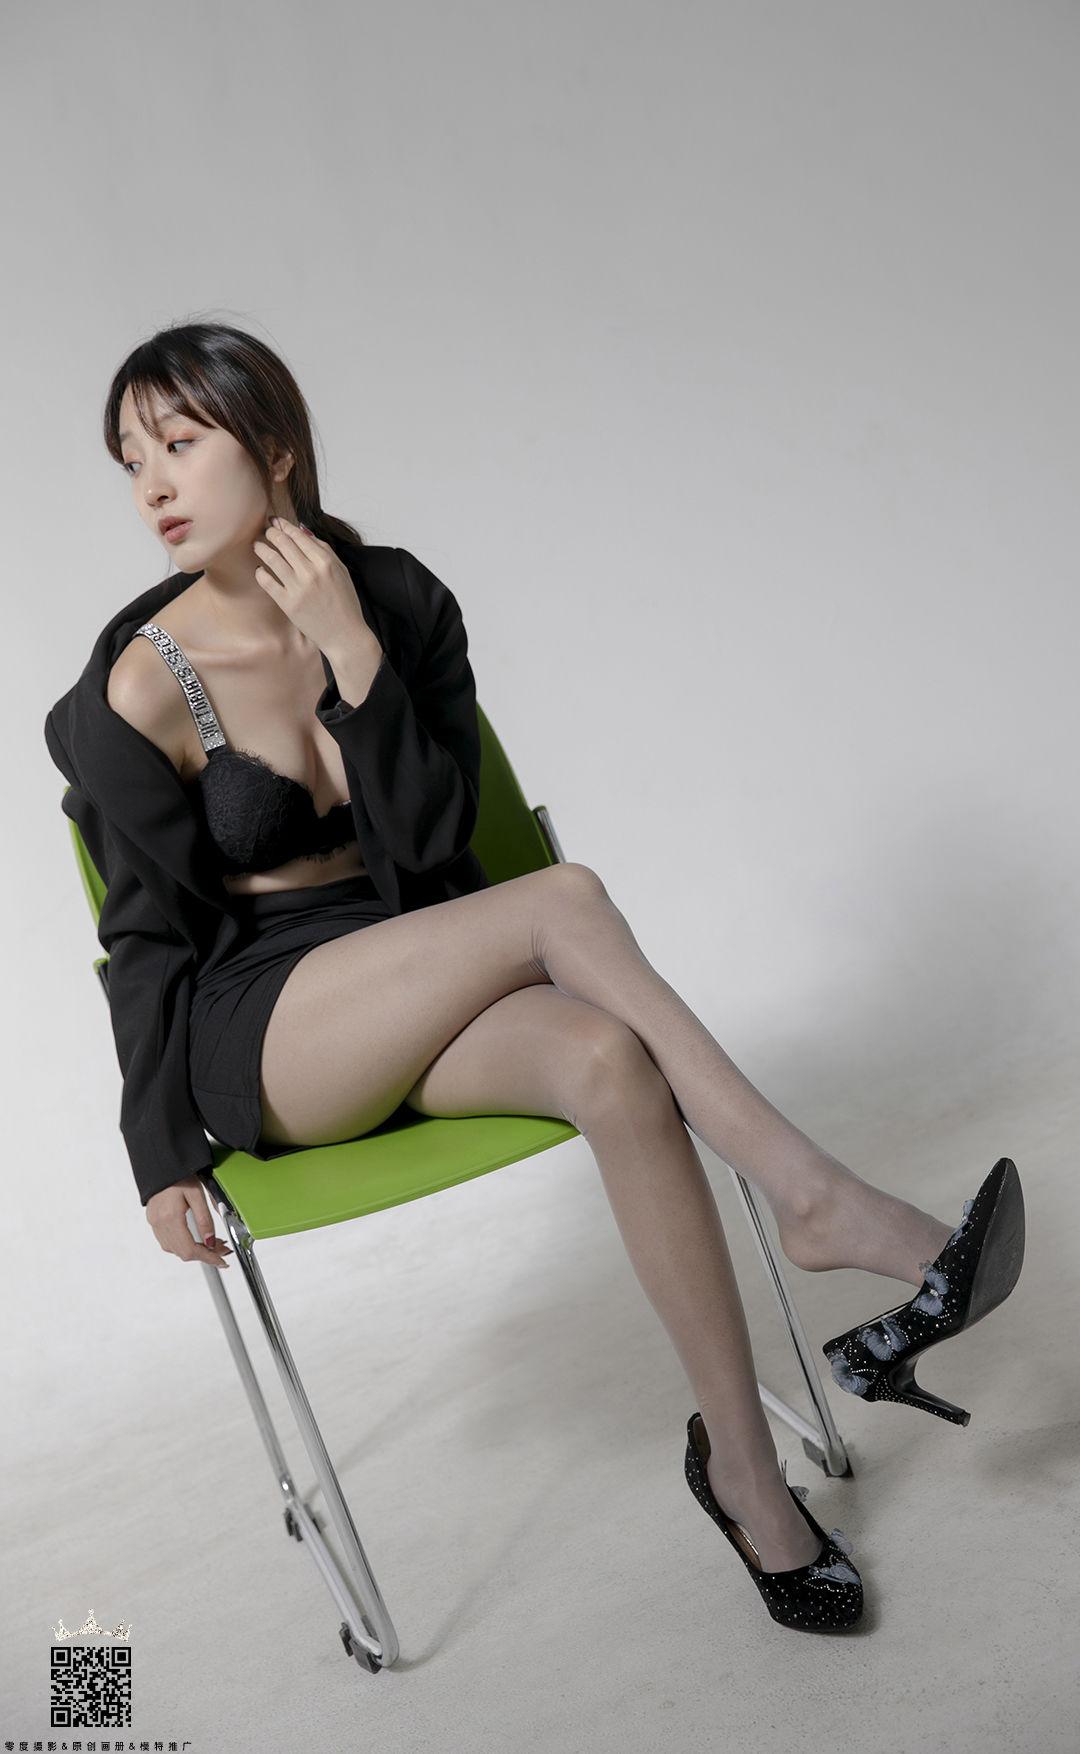 VOL.1315 [LD零度]丝袜女郎:小香菜高品质写真套图(44P)